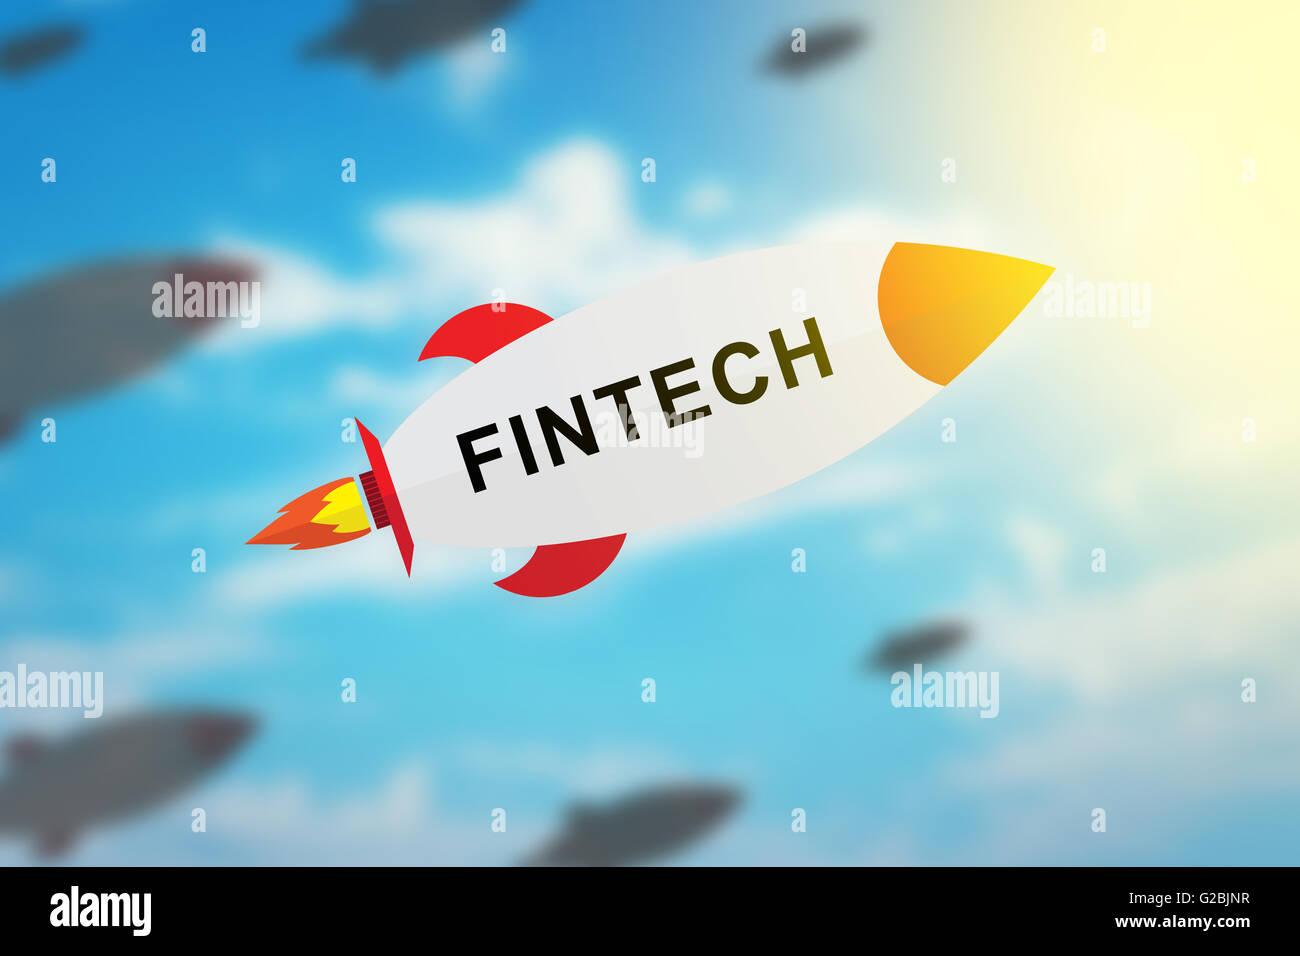 Gruppe von Fintech oder Finanztechnologie flache Bauweise Rakete mit unscharfen Hintergrund und weichen Lichteffekt Stockbild